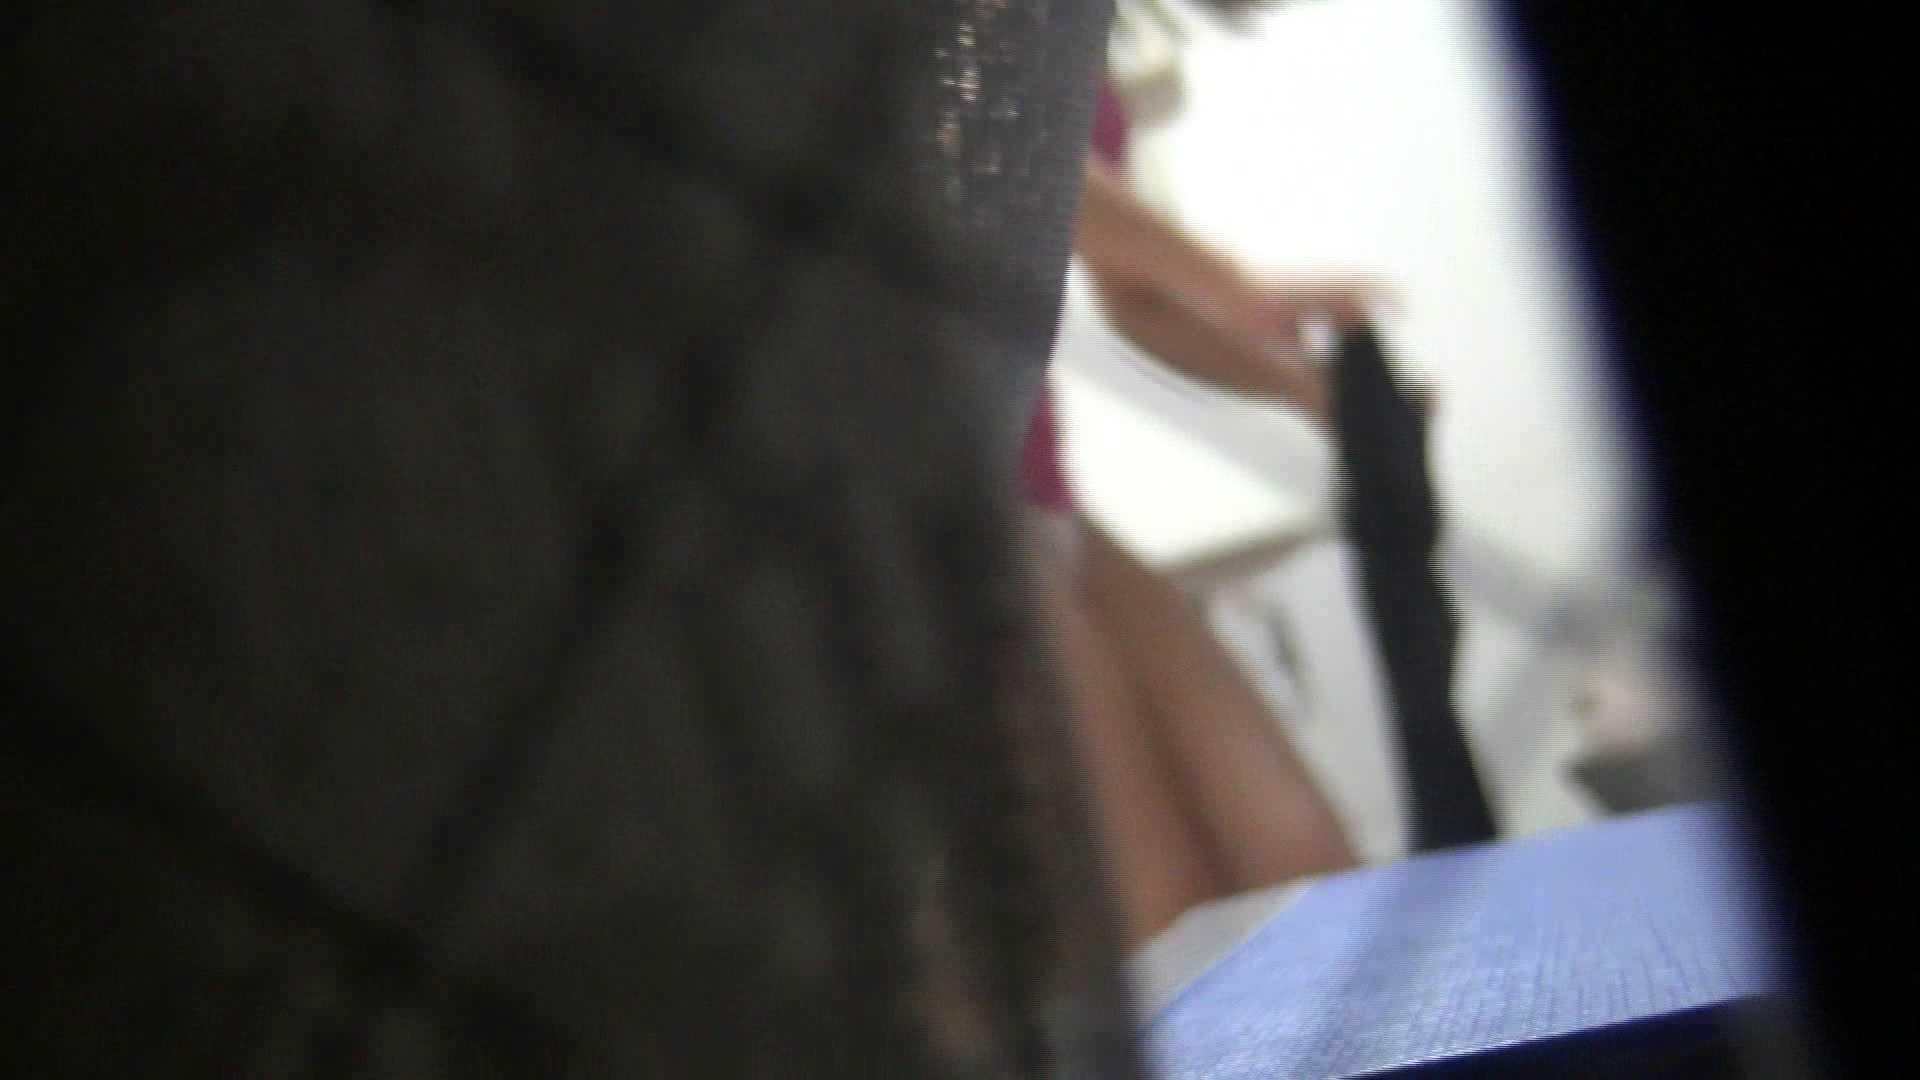 【05】仕事が忙しくて・・・久しぶりにベランダで待ち伏せ 熟女 SEX無修正画像 89PIX 3